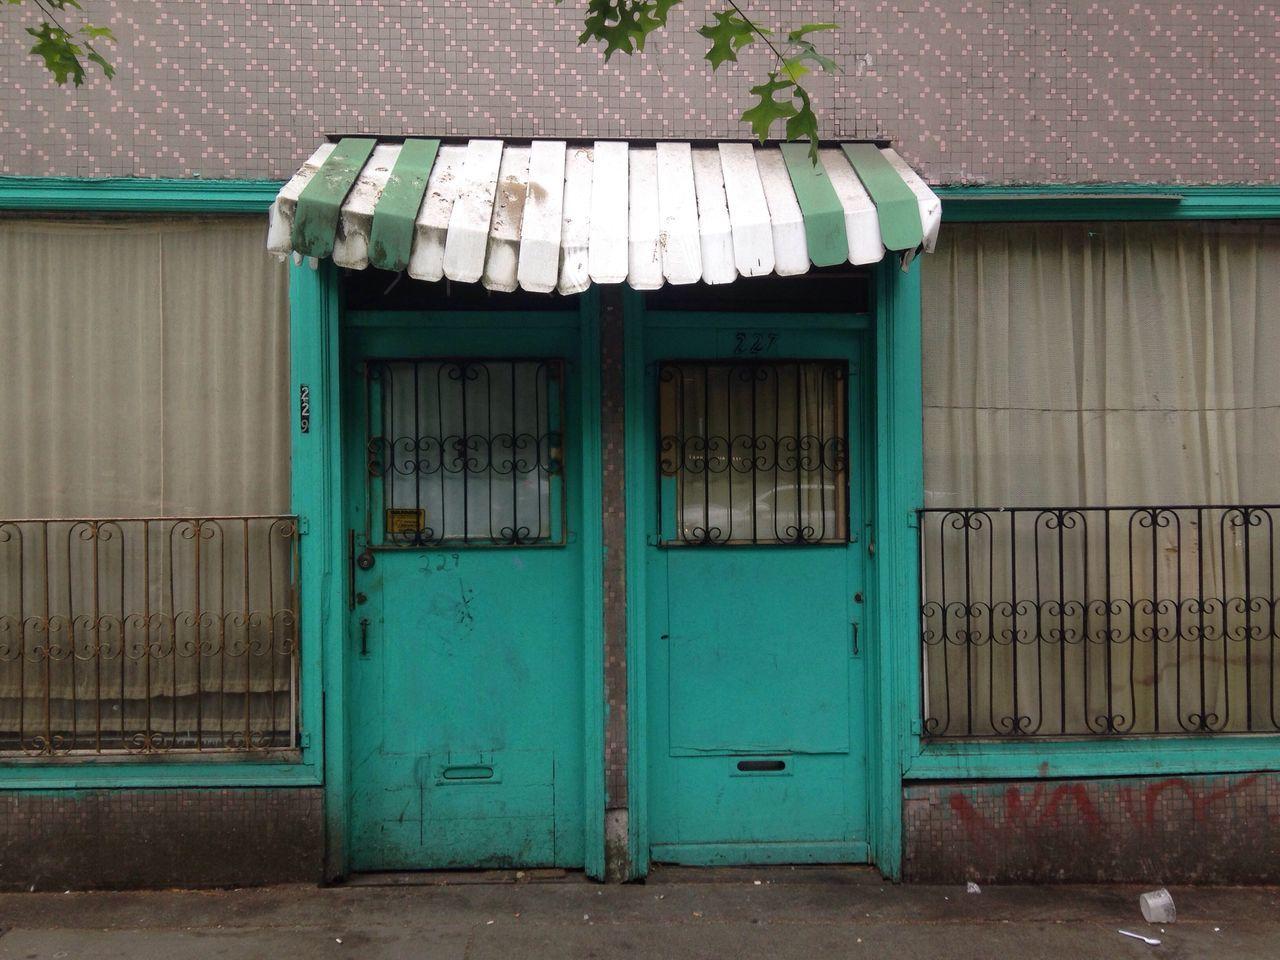 East Vancouver Duplex Hastings 1960s 1970s Door Teal